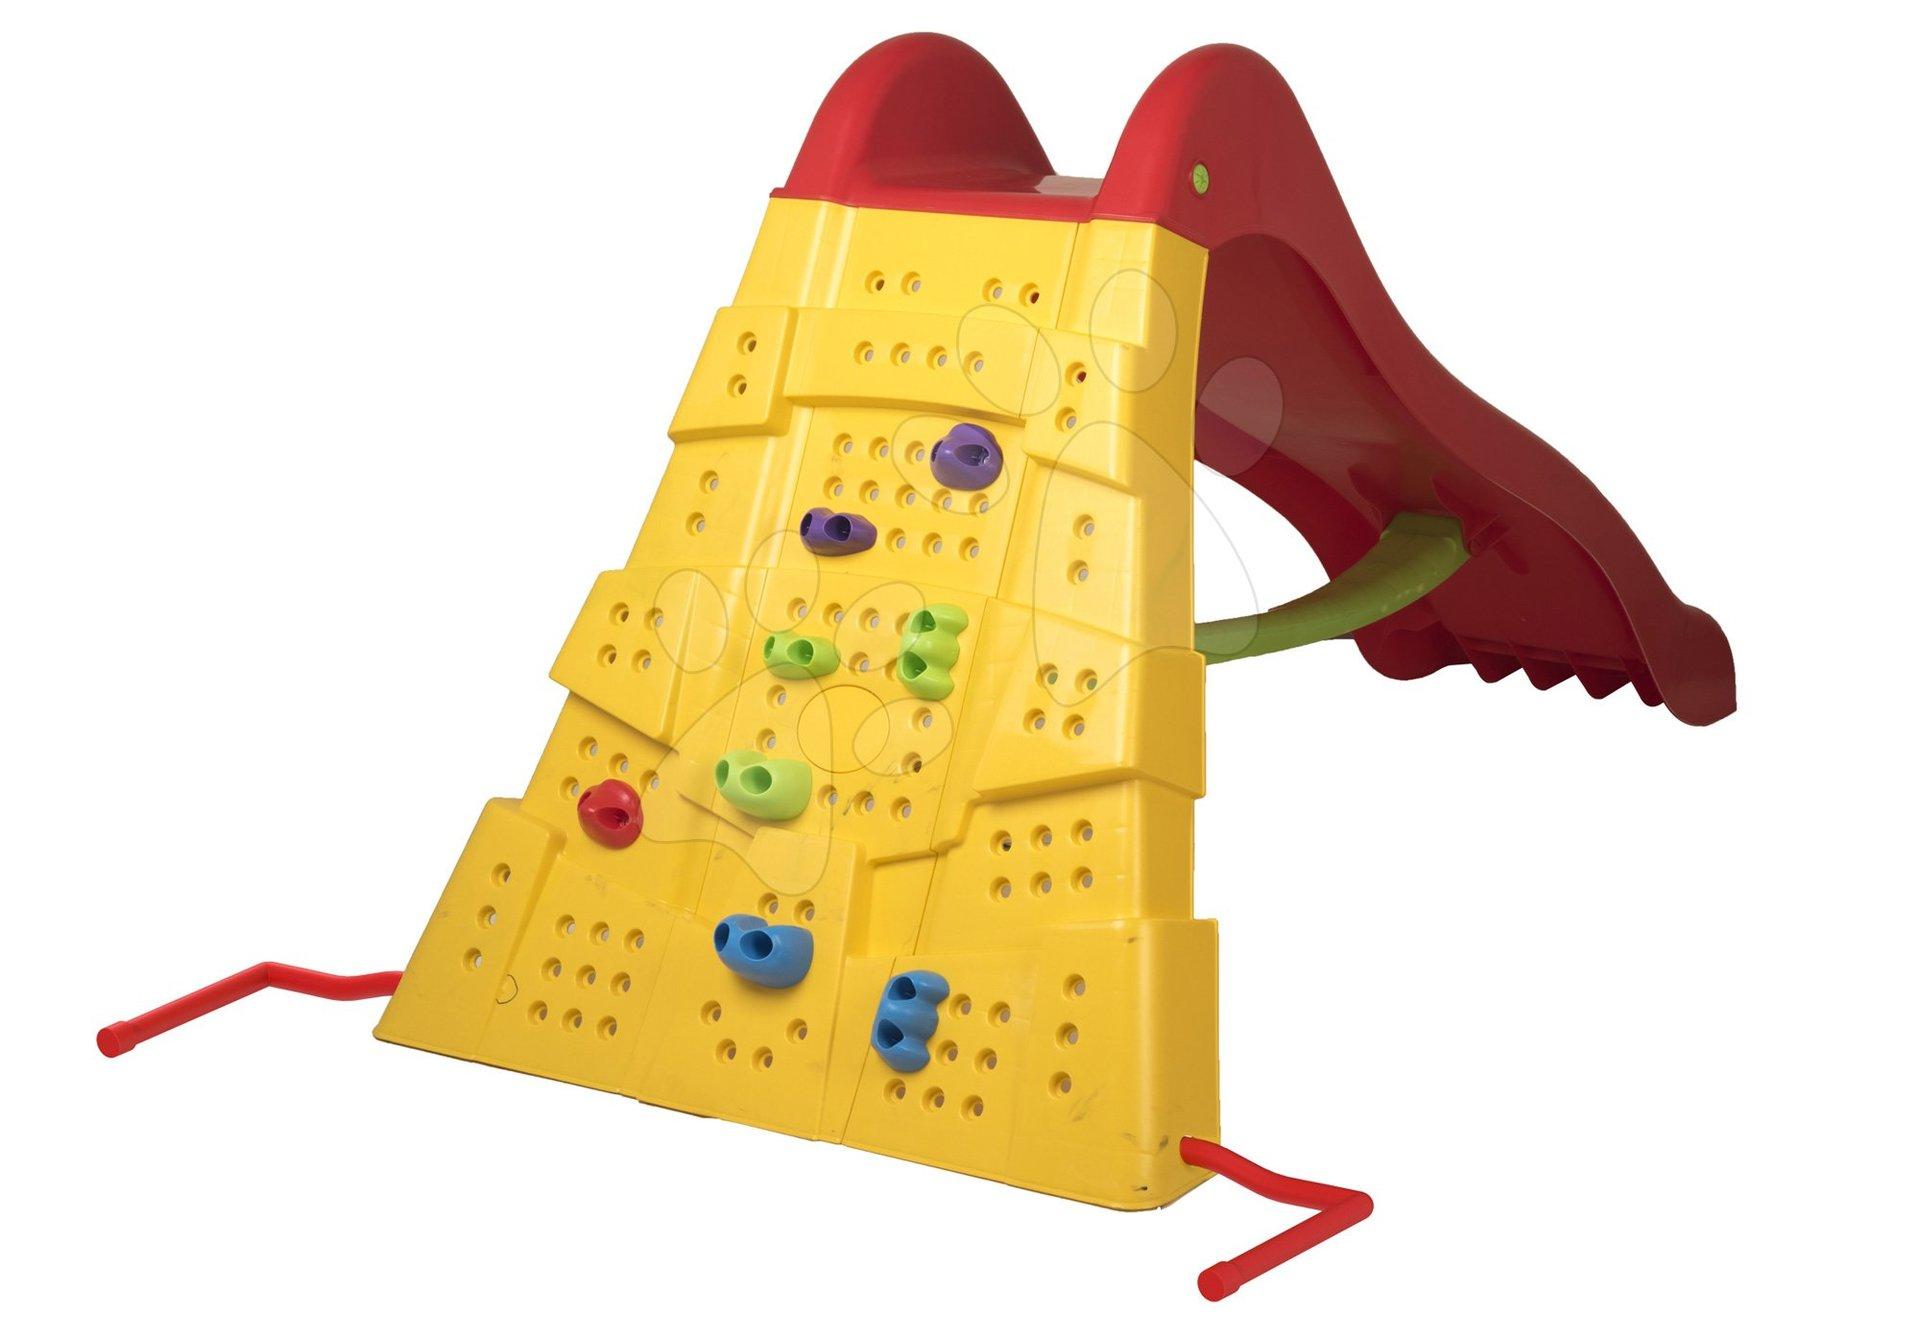 Skluzavka s lezeckou stěnou Starplast červeno žlutá